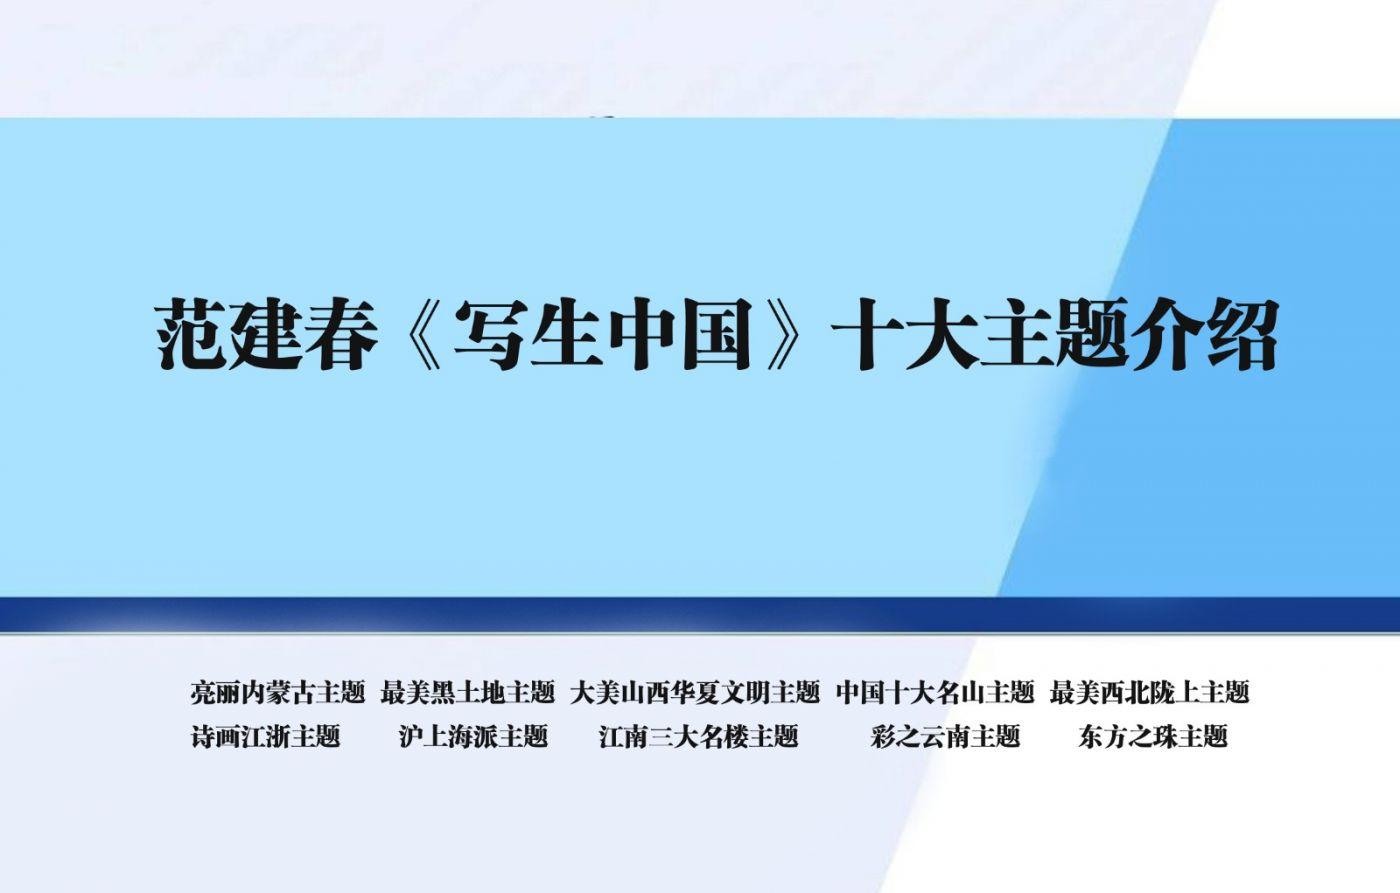 范建春写生中国之十大名山主题系列作品_图1-1